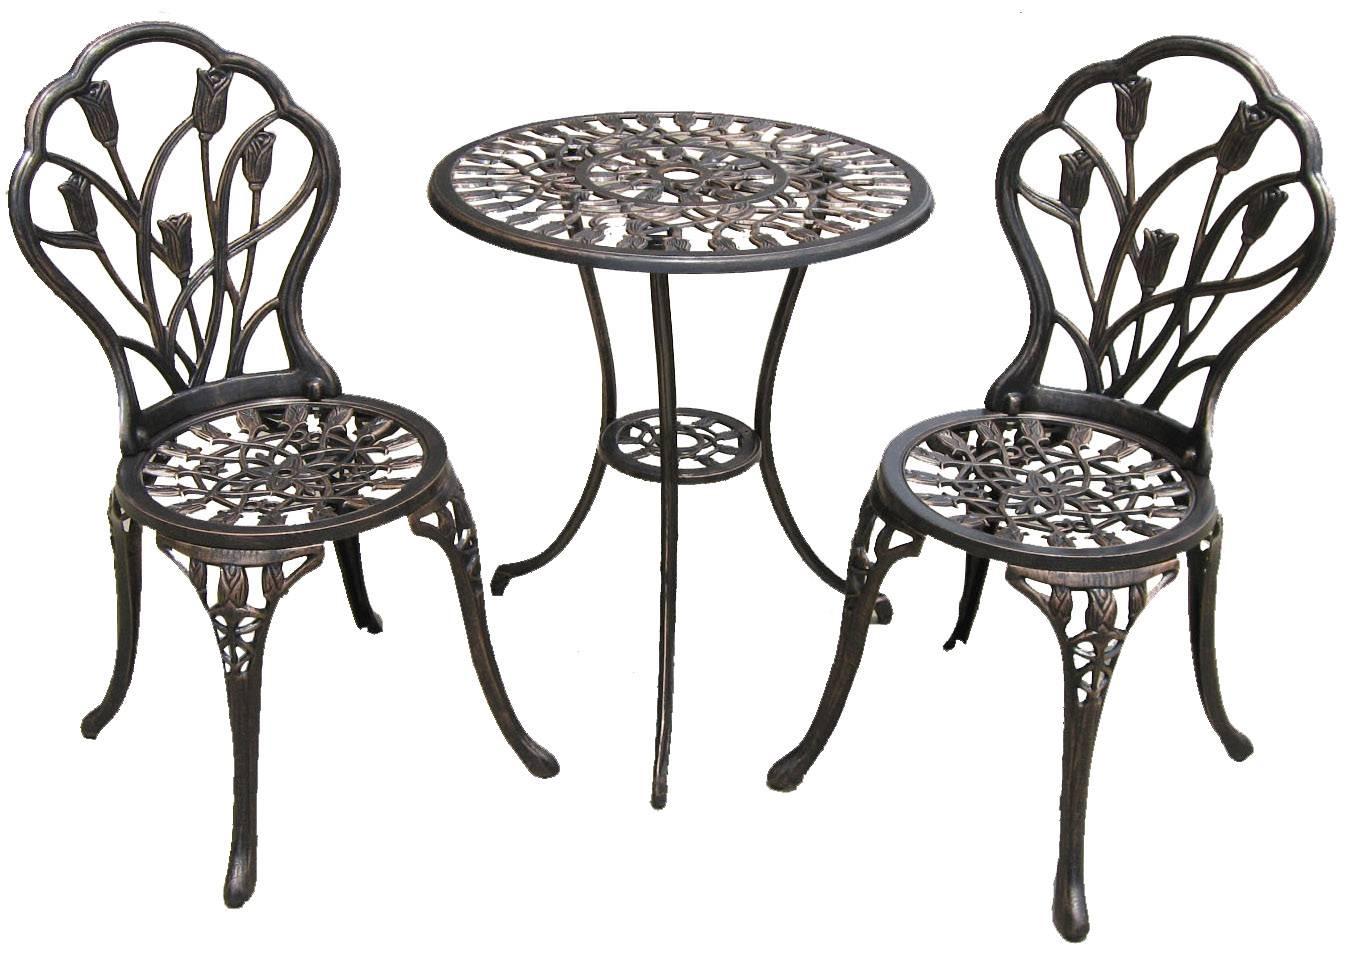 Top cast aluminium3pc bistro table set